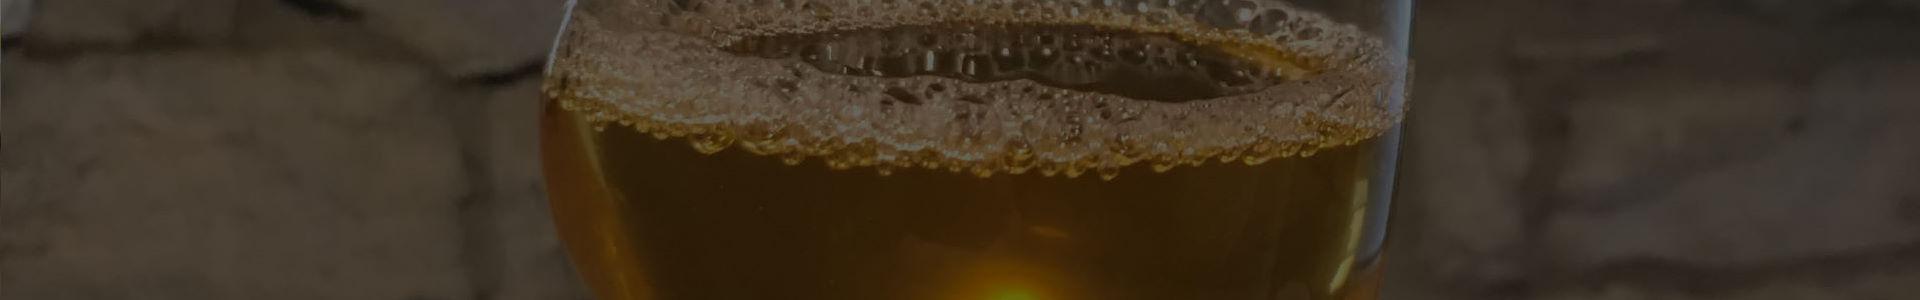 Kertelreiter Cider